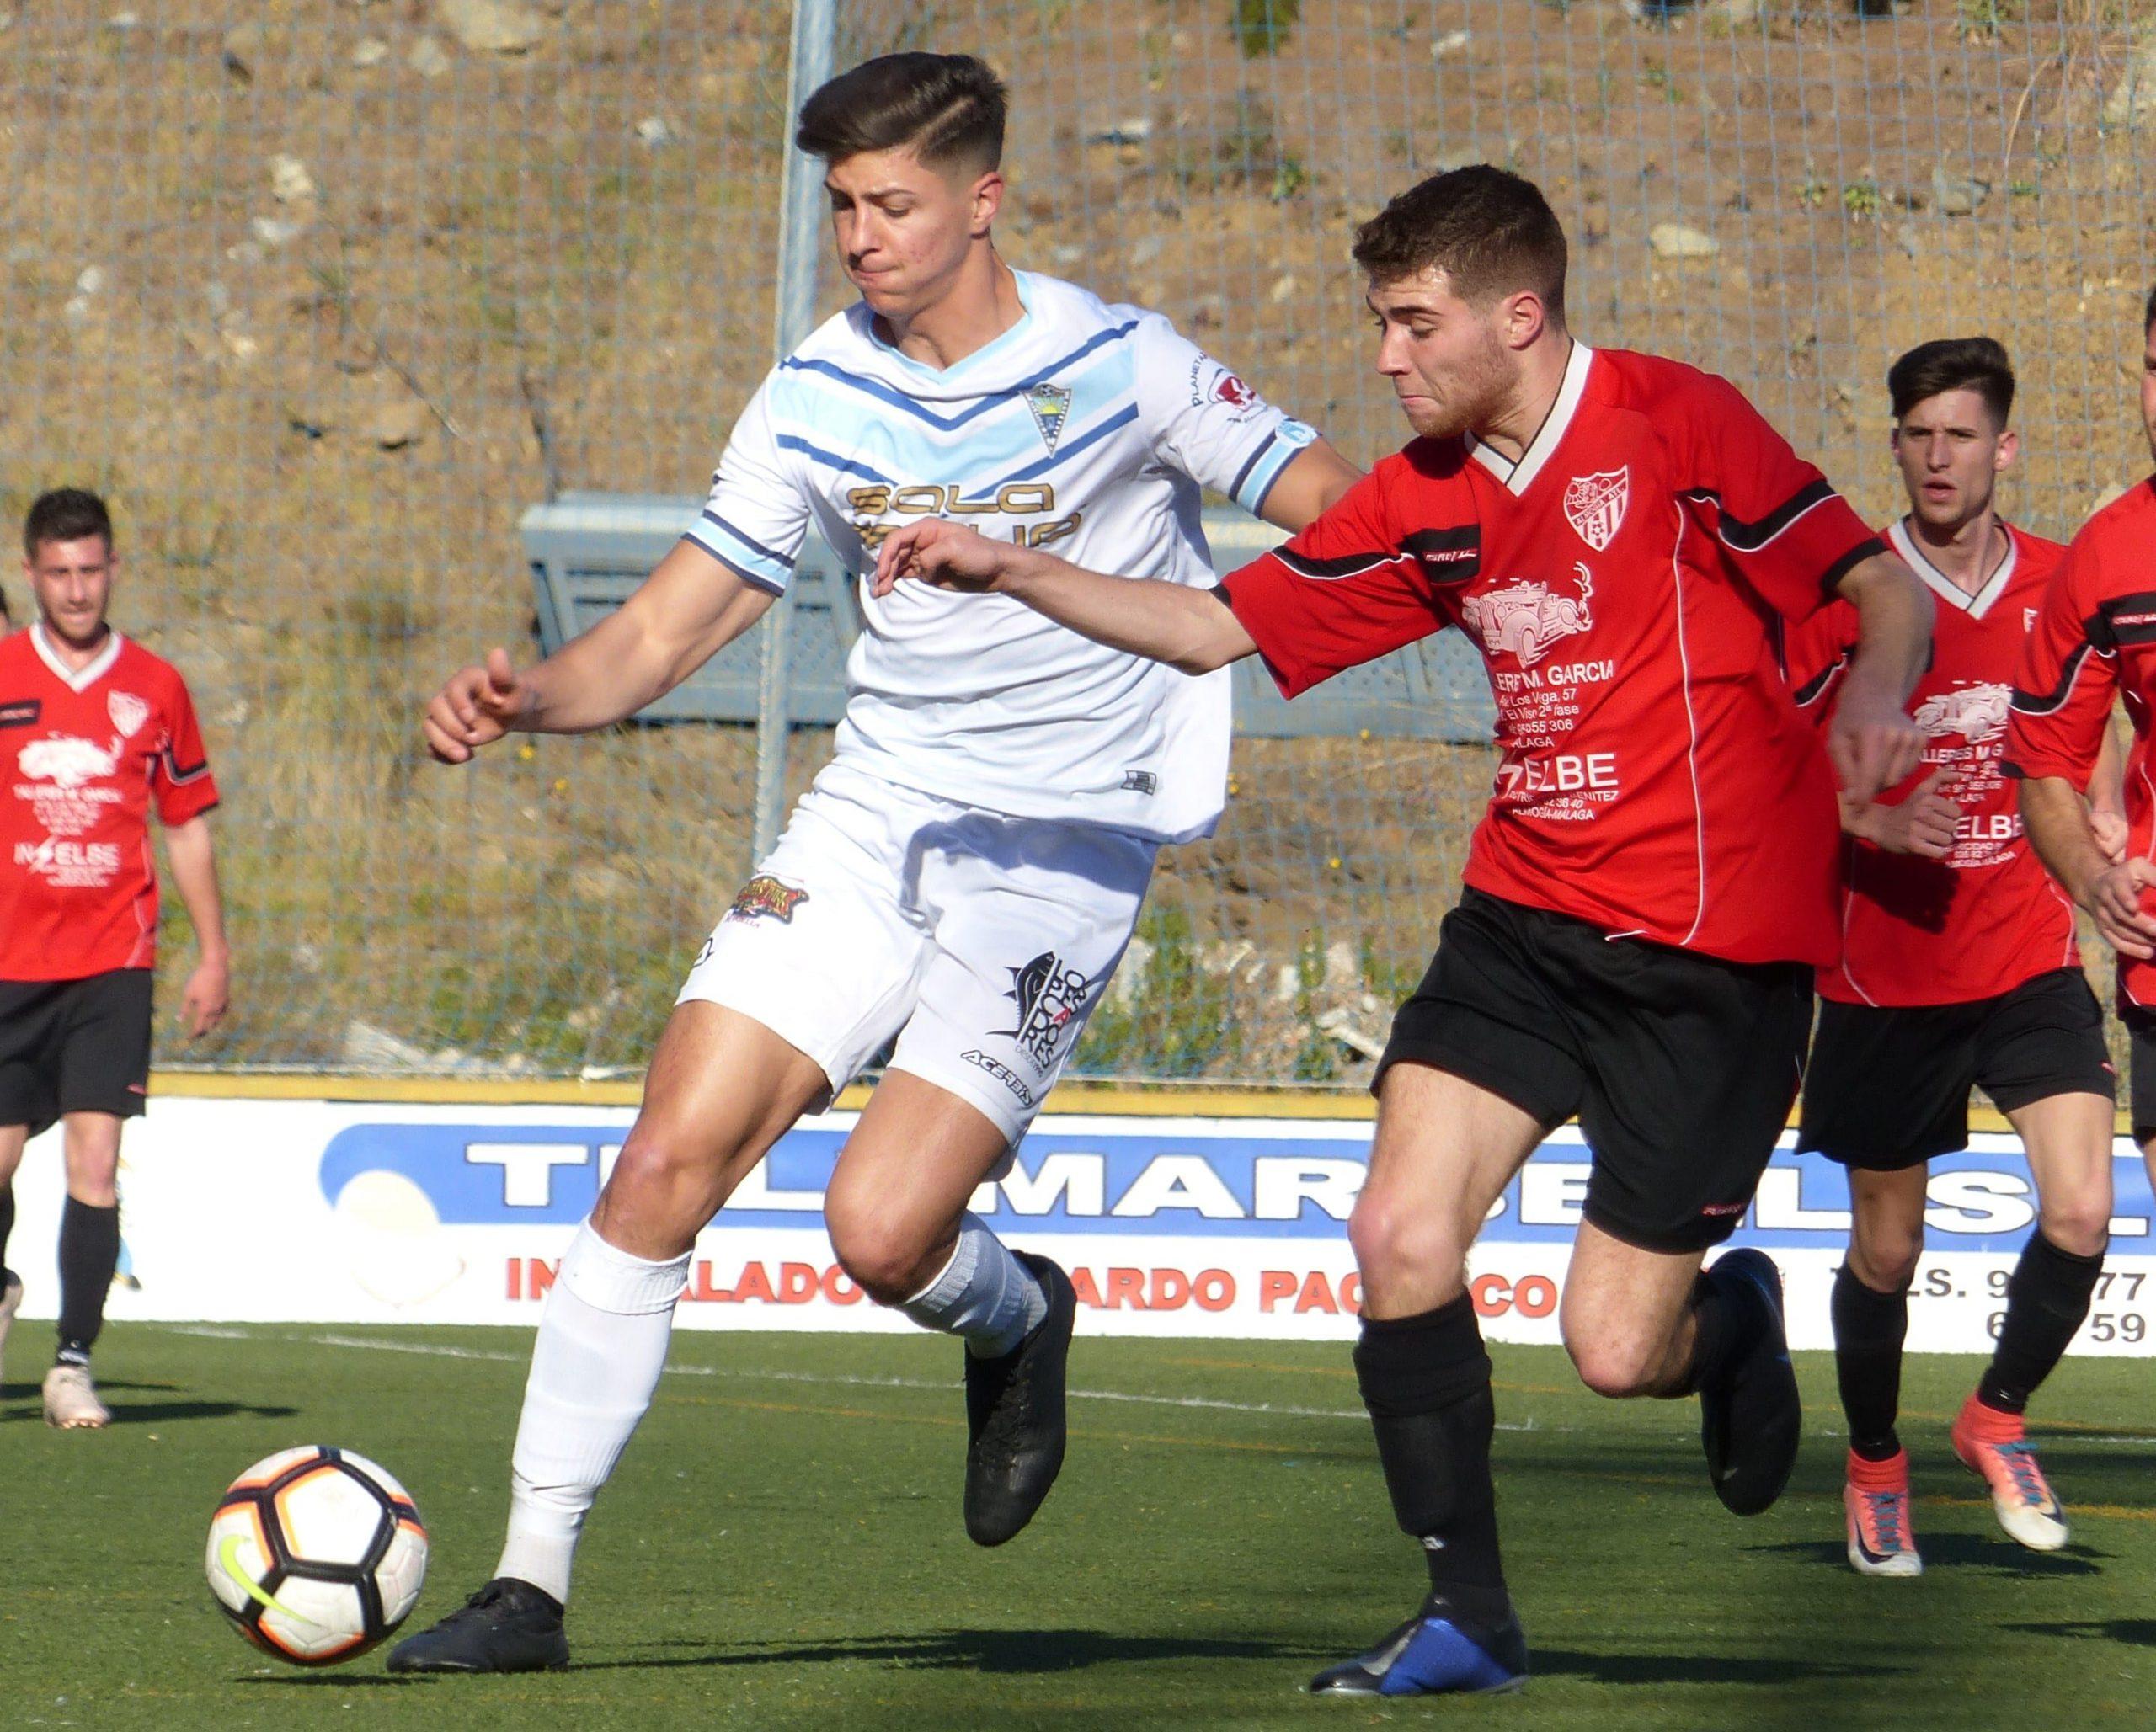 Inoportuna primera derrota en casa del Atl. Marbella frente al Almogía